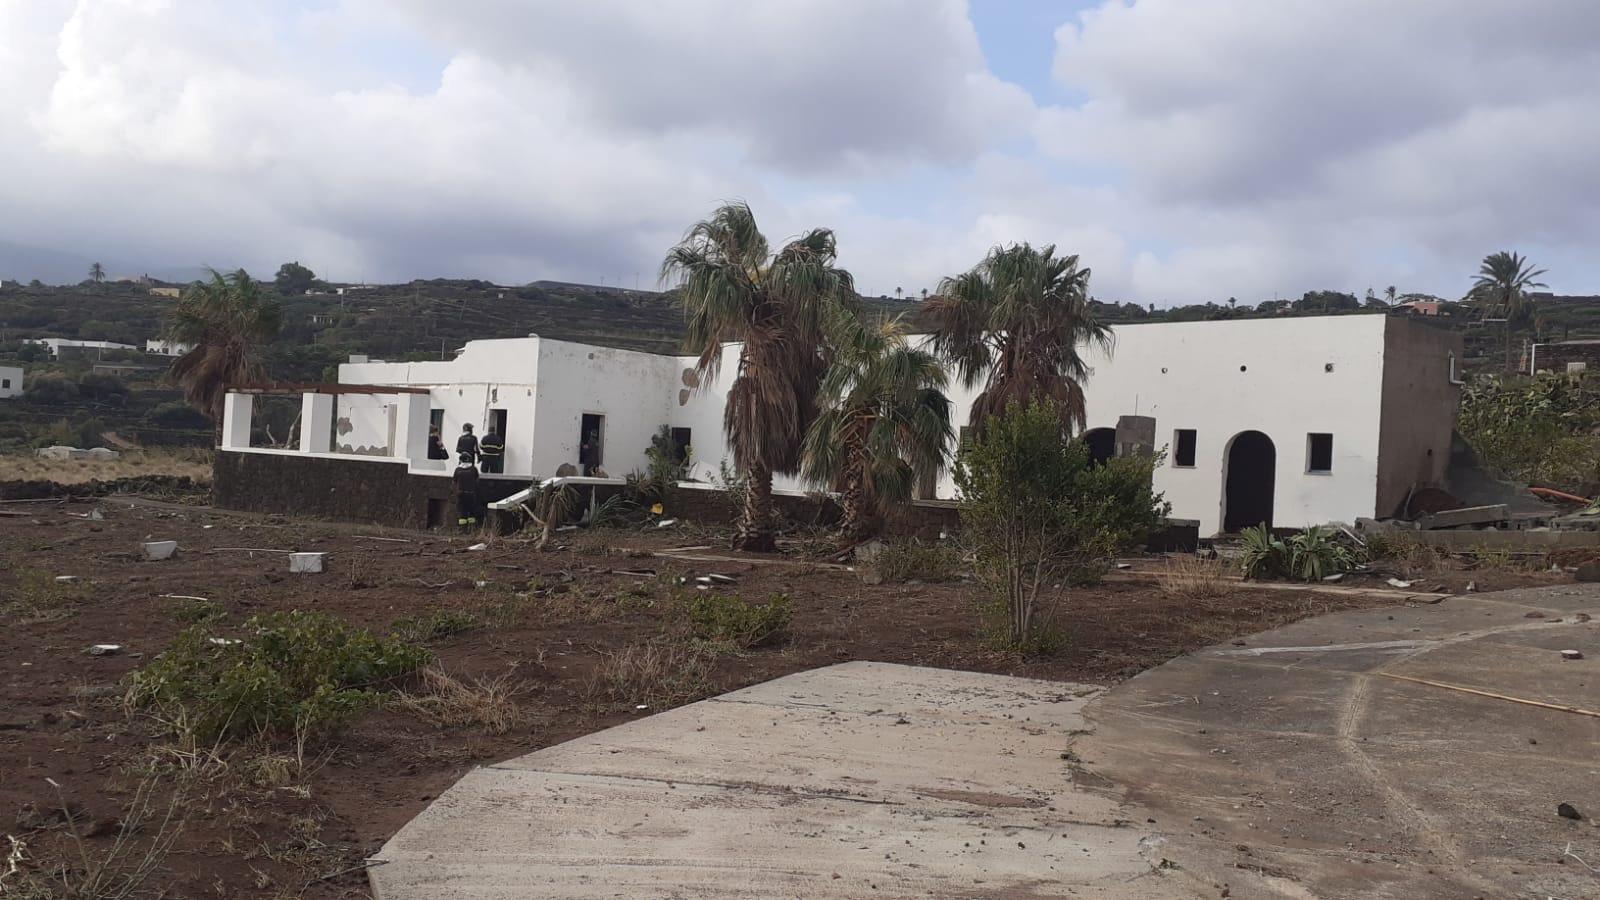 Δύο νεκροί από ανεμοστρόβιλο που σάρωσε το νησί Παντελερία – Απίστευτες εικόνες